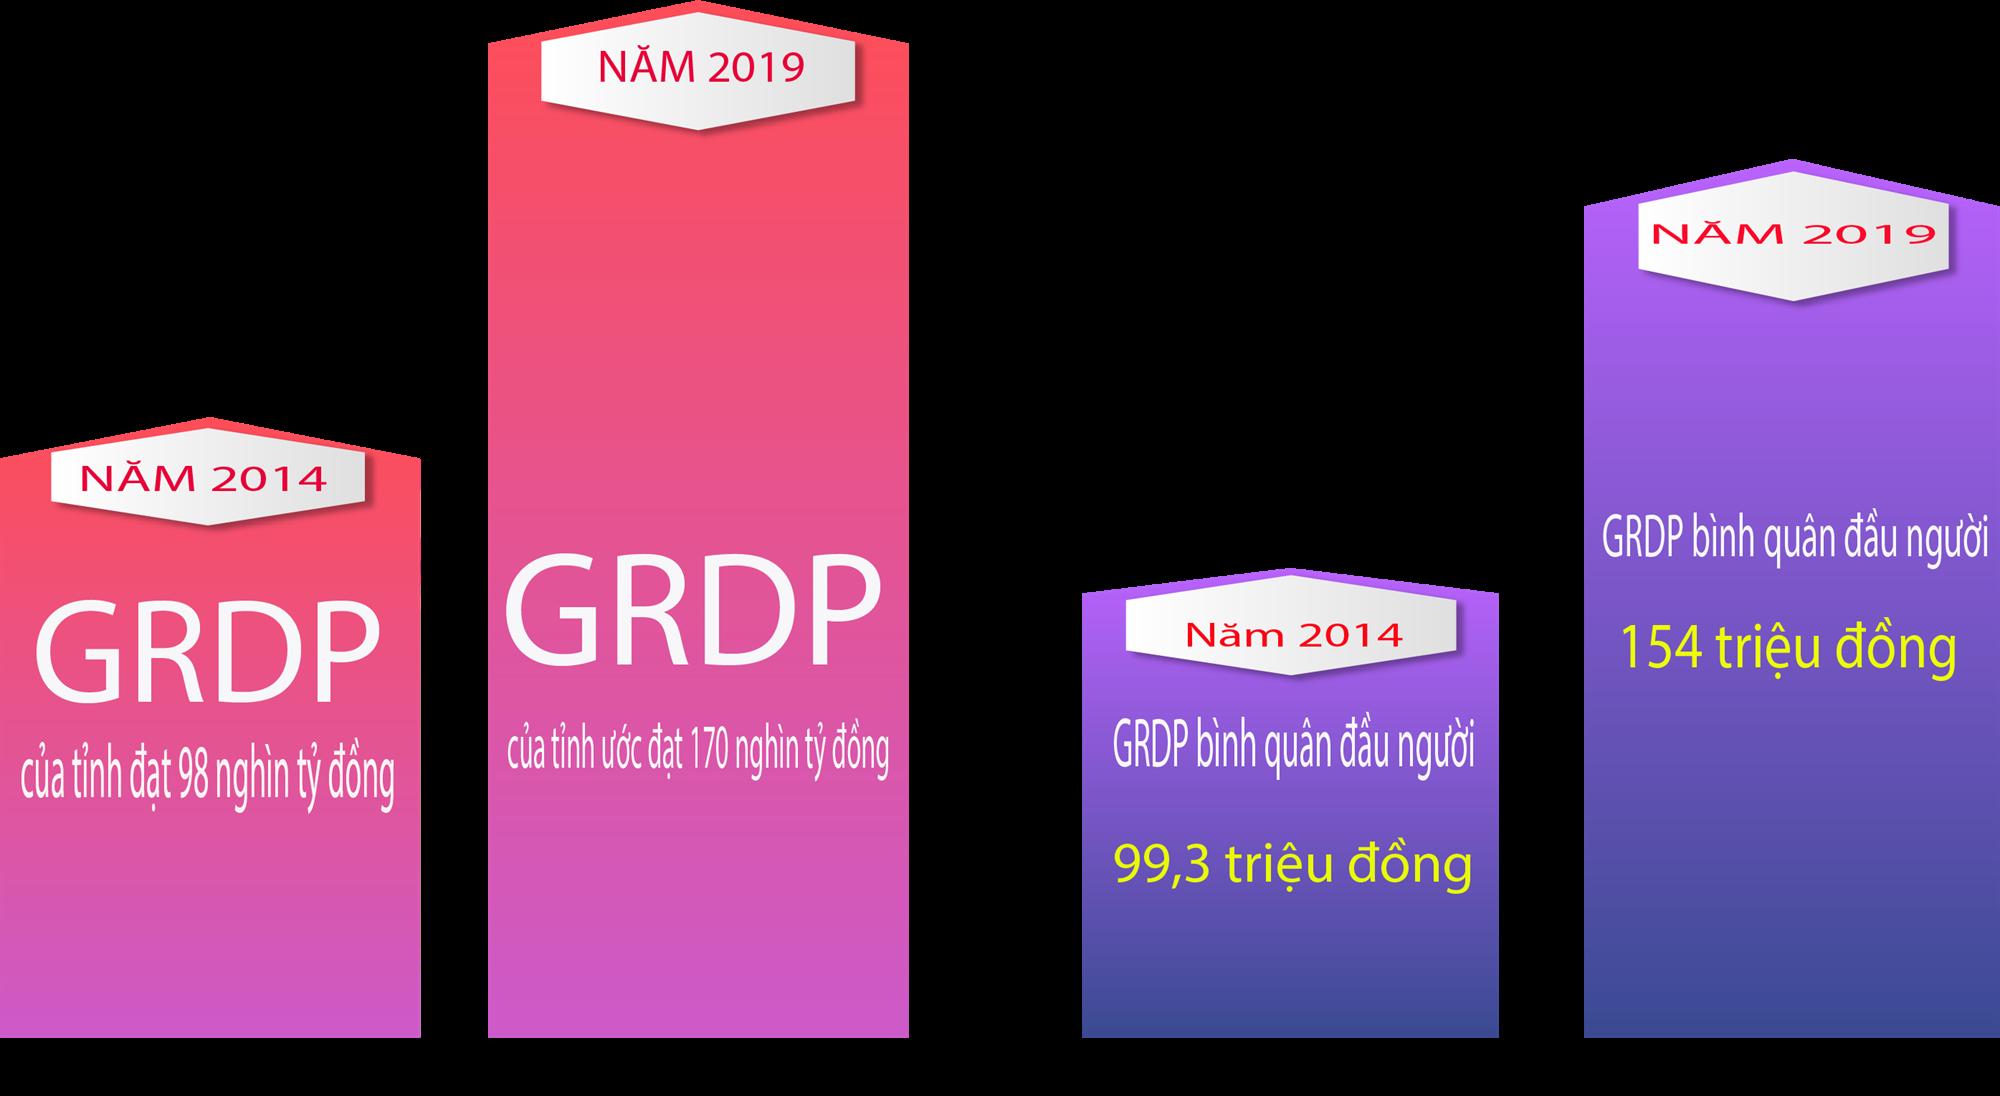 [ Infographics ] Tốc độ tăng trưởng GRDP của tỉnh và GRDP đầu người của Bắc Ninh Giai đoạn 2014 – 2019